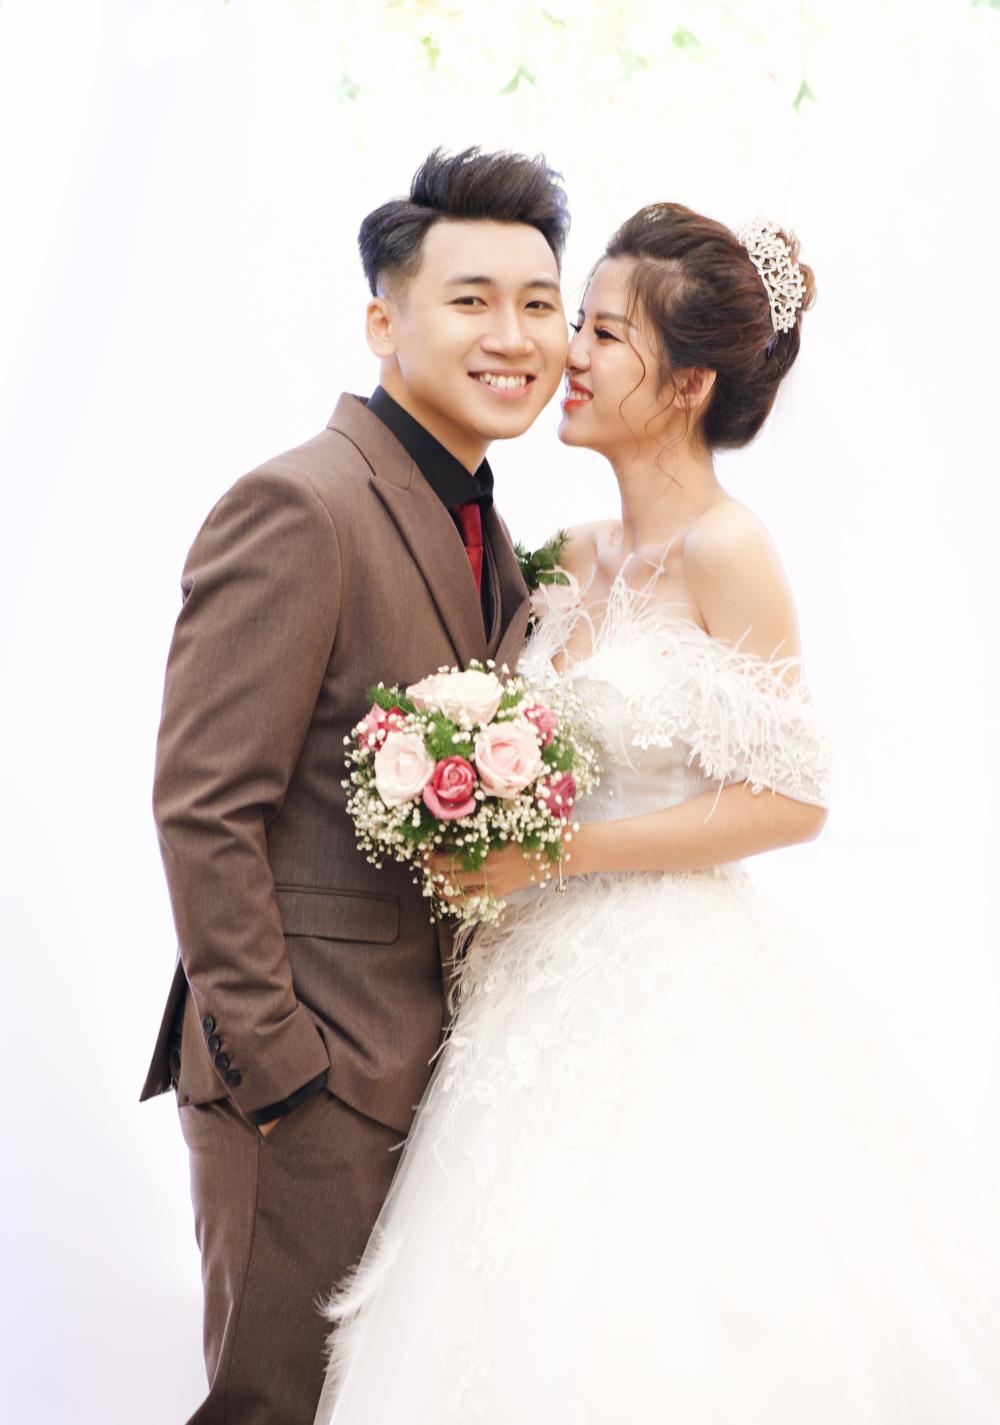 Vợ Vlogger Huy Cung bật khóc trong đám cưới với lý do bất ngờ